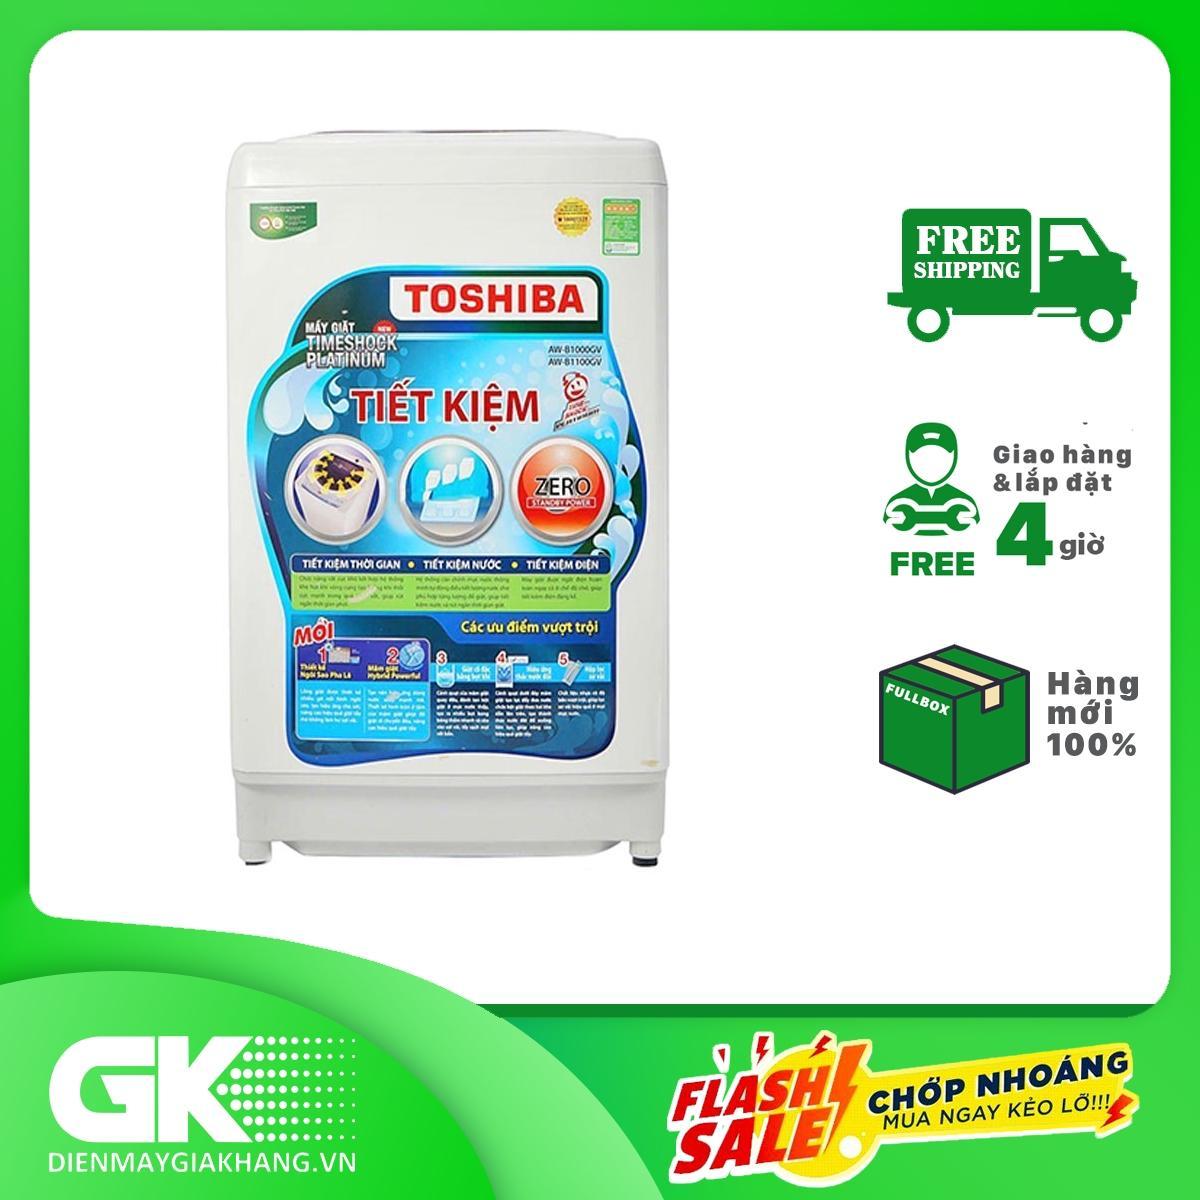 Máy giặt Toshiba 9kg AW-B1000GV WB, Tốc độ vắt 700 vòng/phút, xuất xứ Thái Lan - Bảo hành 24 tháng